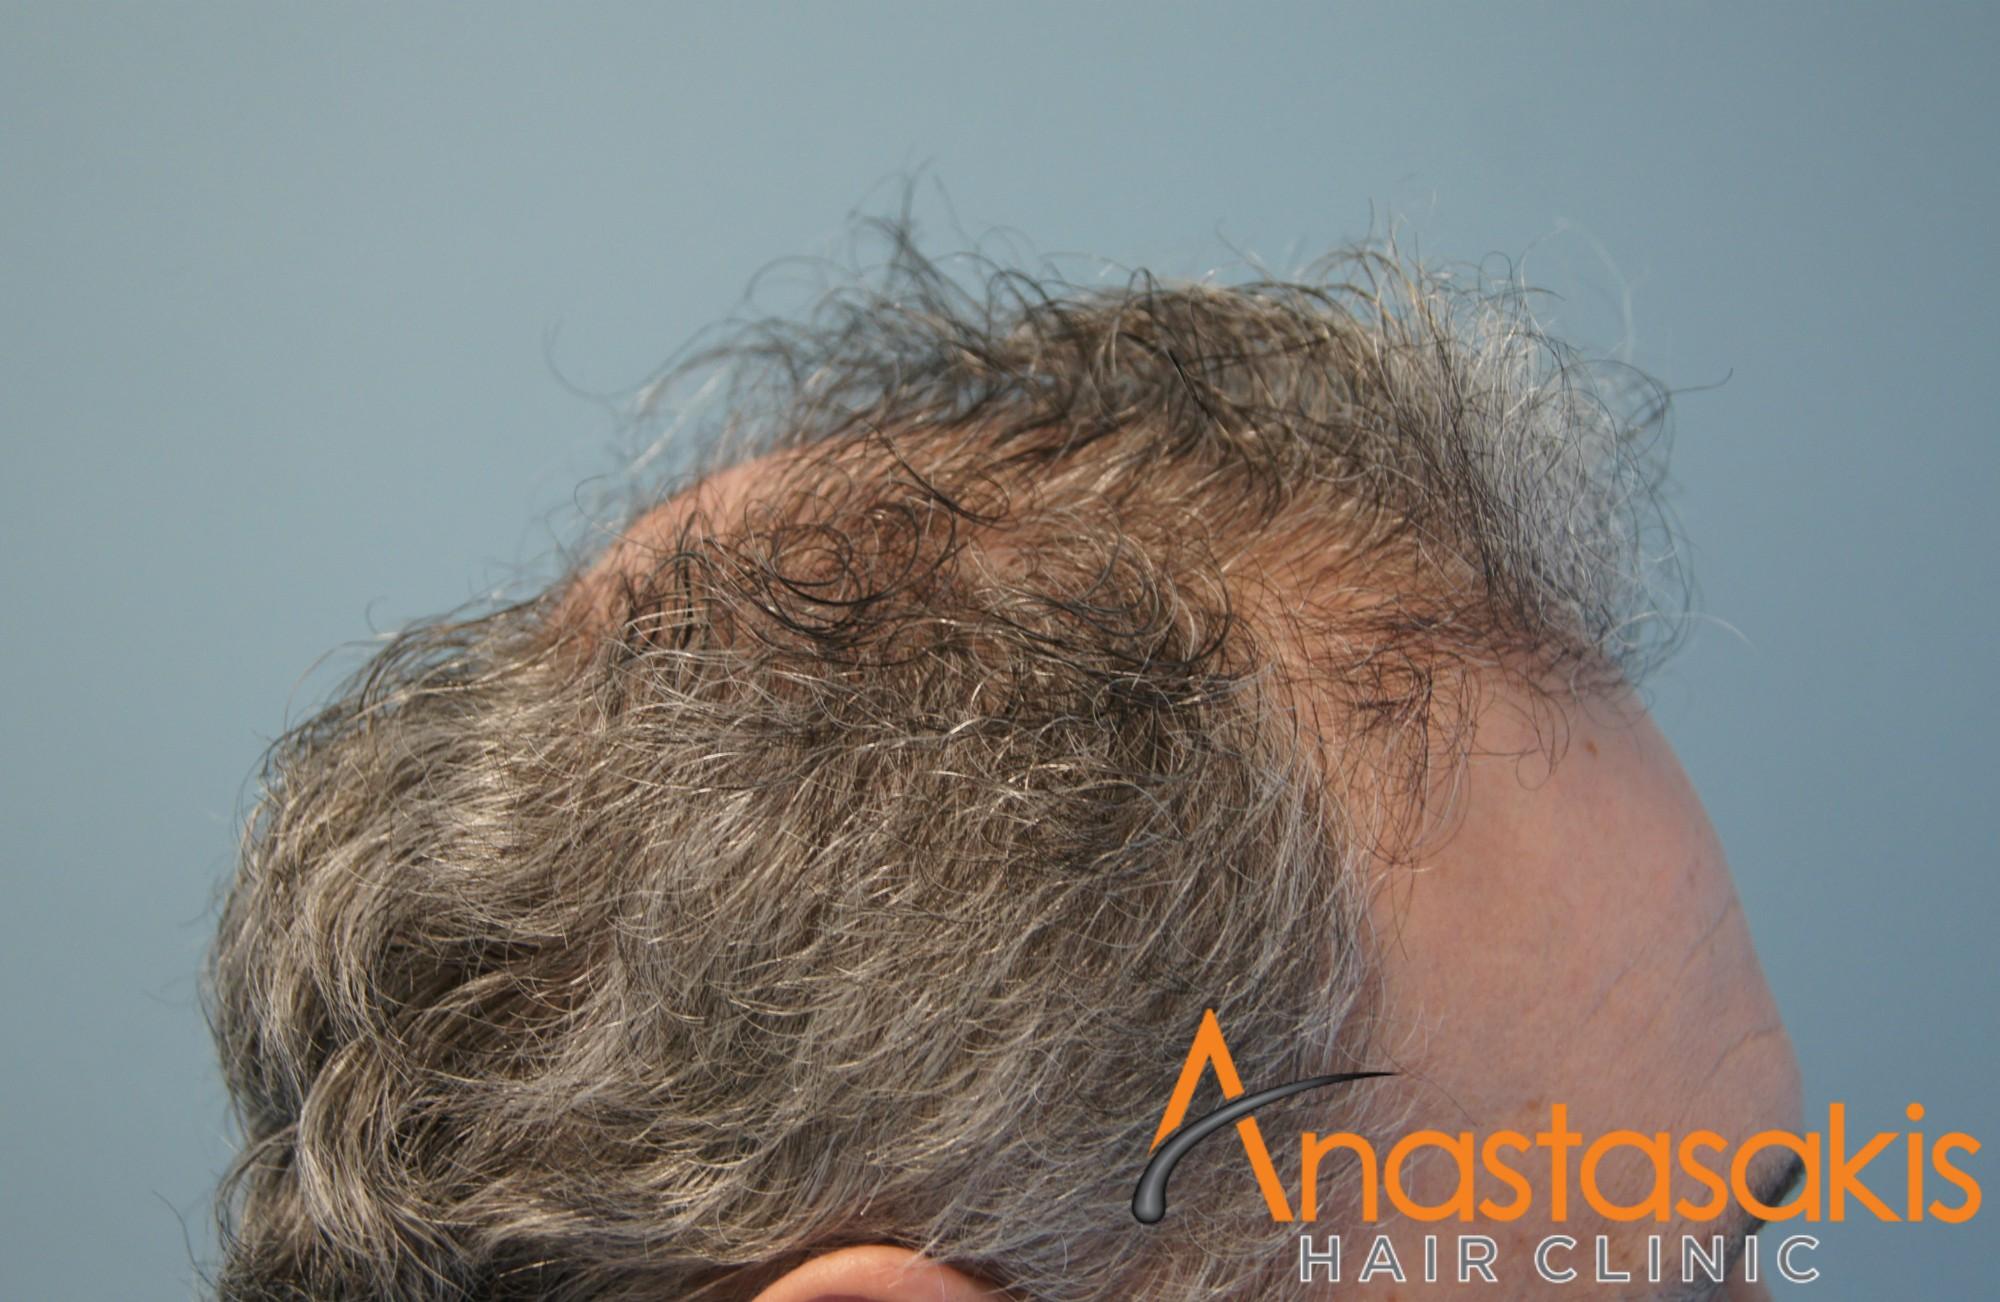 δεξί προφιλ ασθενους πριν τη μεταμοσχευση μαλλιων με 2500 fus